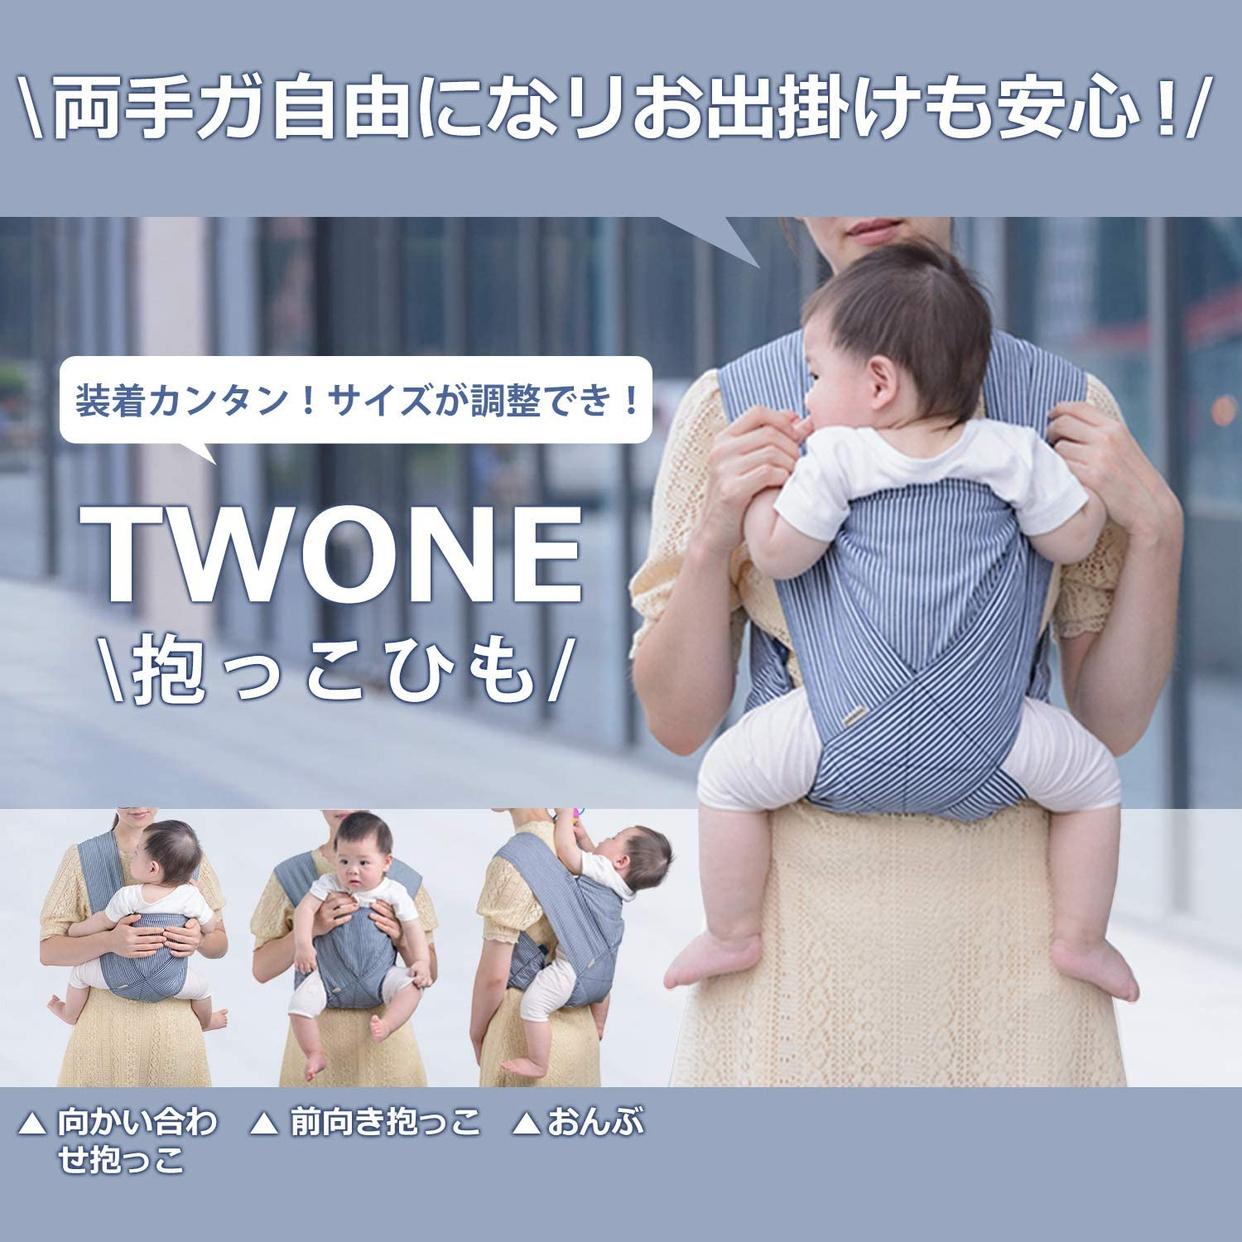 TWONE(ツォン) 抱っこひもの商品画像2